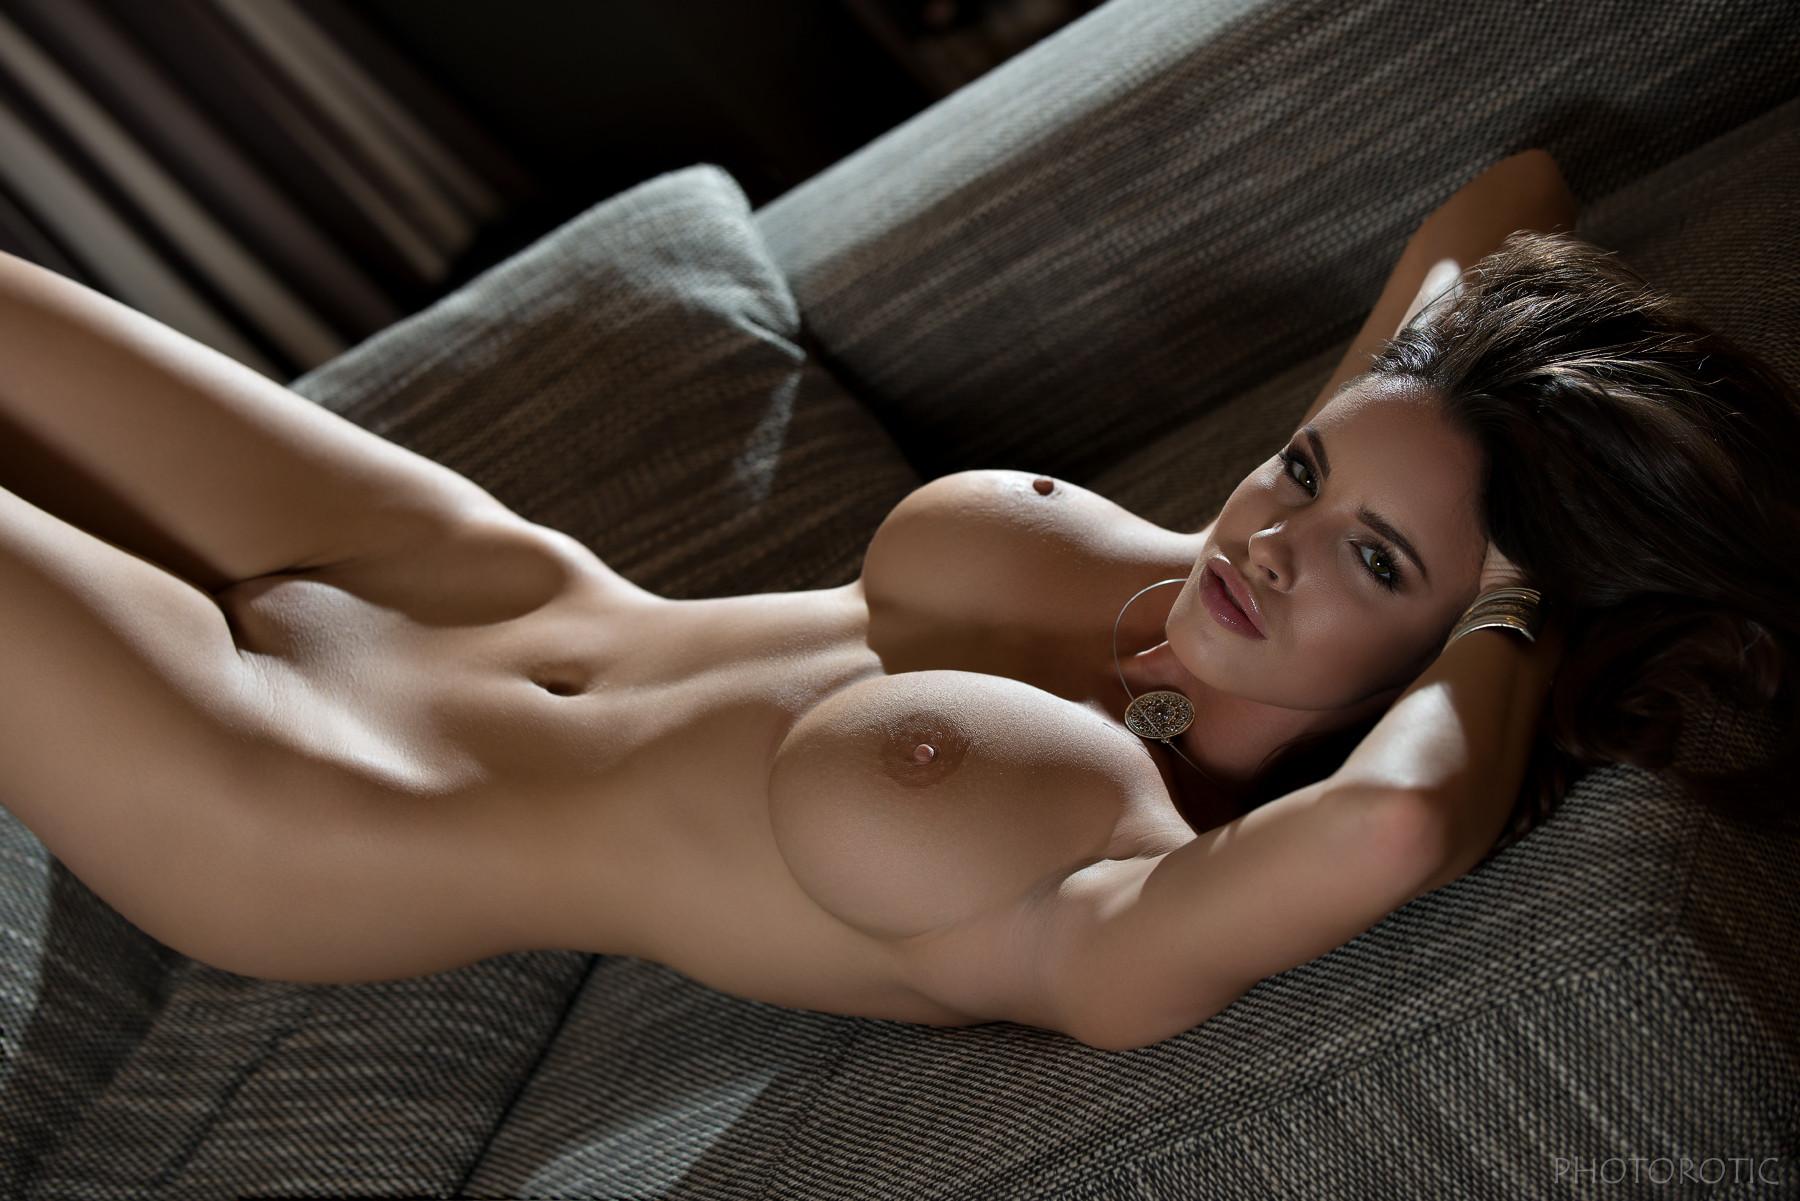 Cute Female Nudes